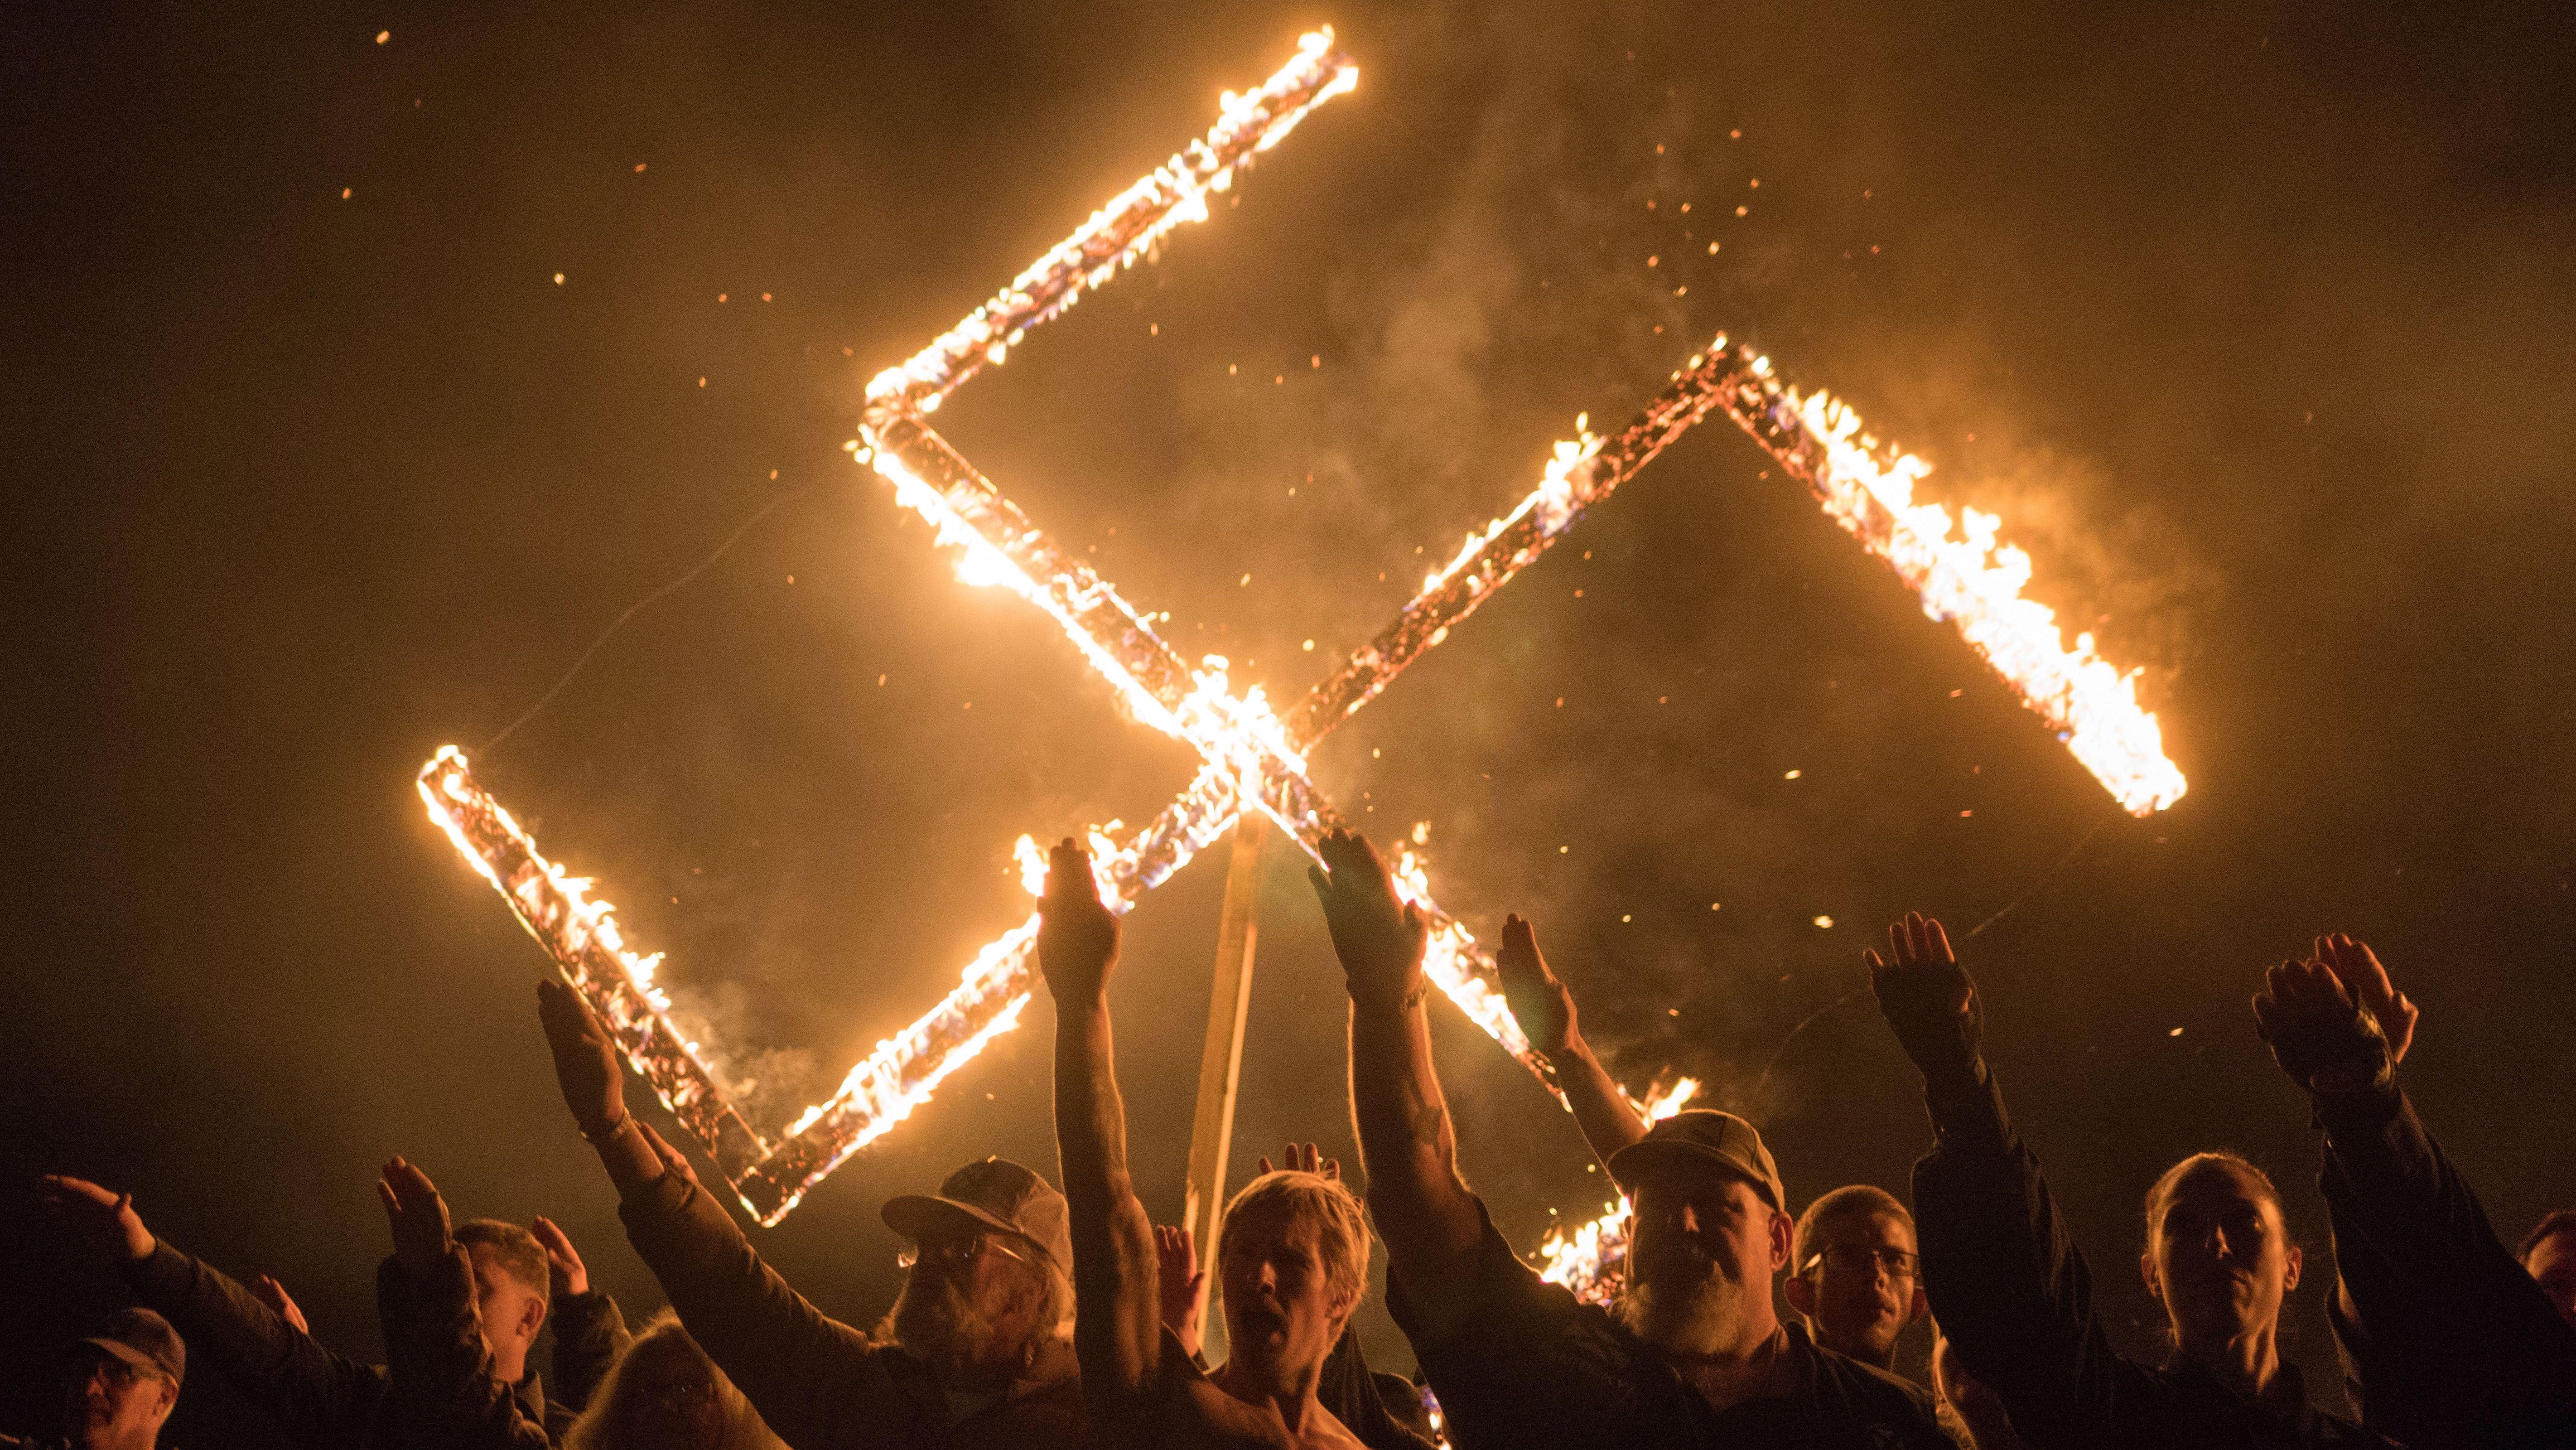 https://cms.qz.com/wp-content/uploads/2019/02/burning-swastika-e1550149715590.jpg?quality=75&strip=all&w=410&h=230.74217376011256